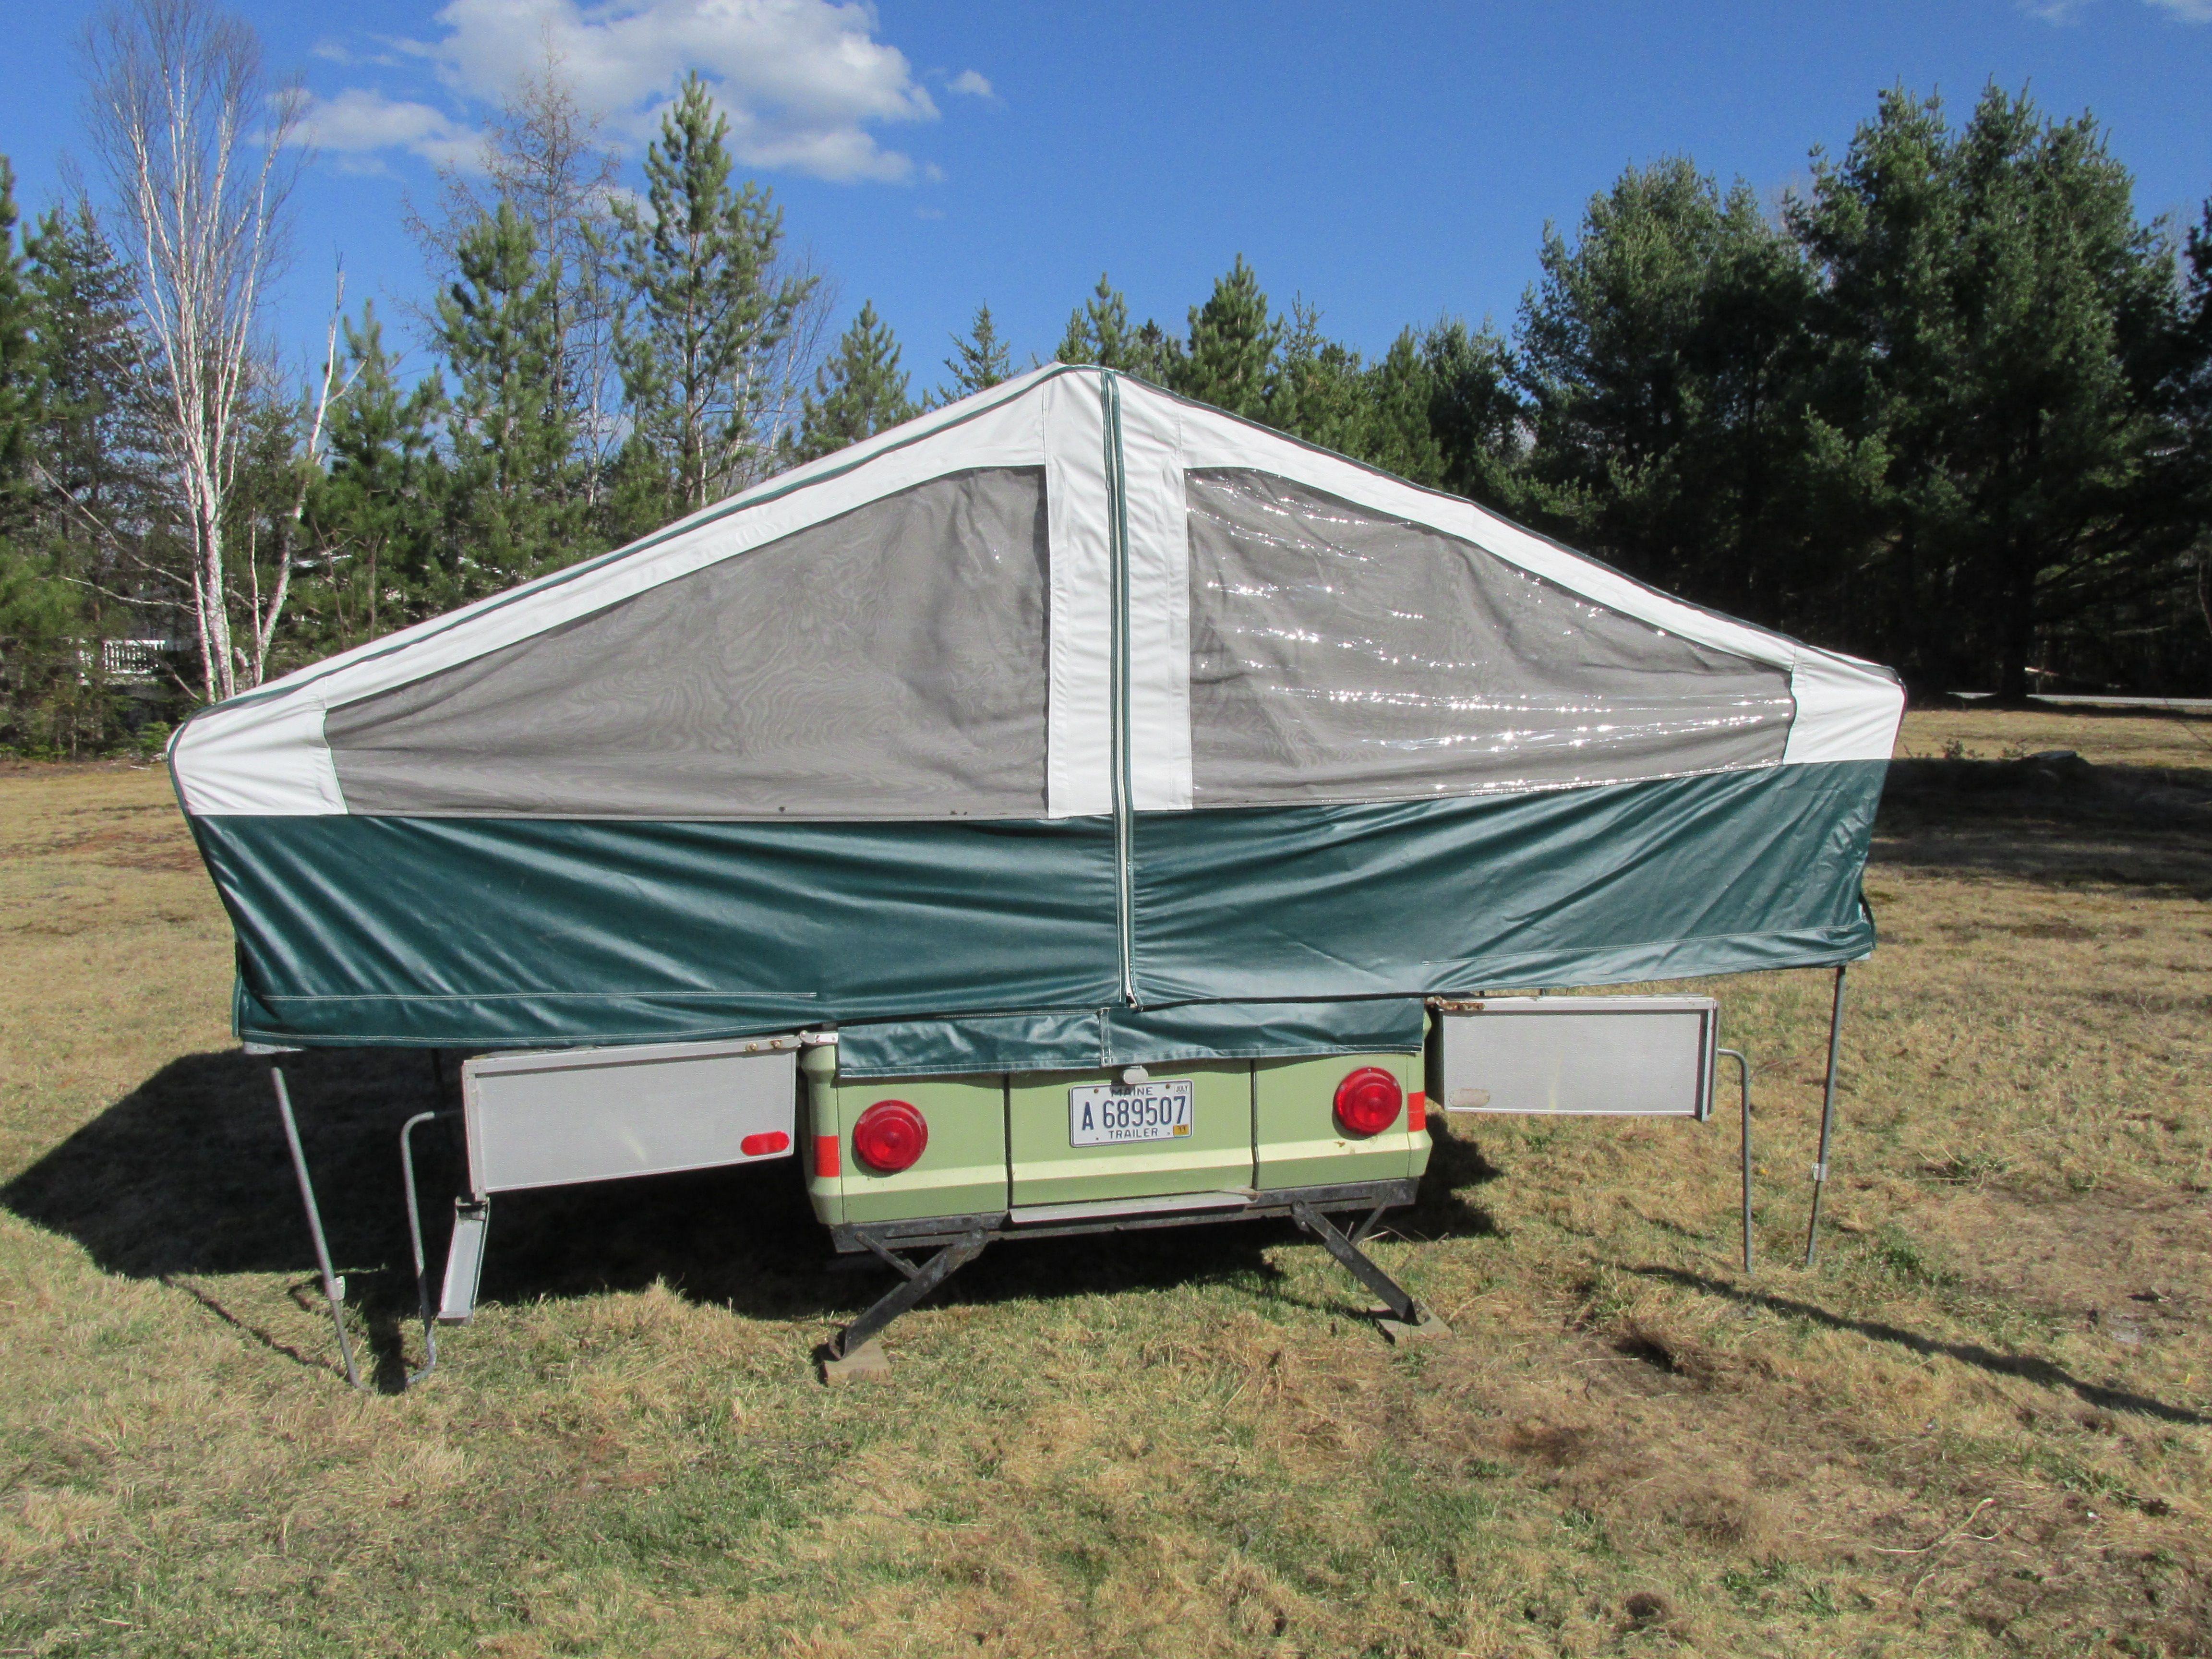 Apache Eagle Pop Up Camper Pop Up Camper Trailer Comfortable